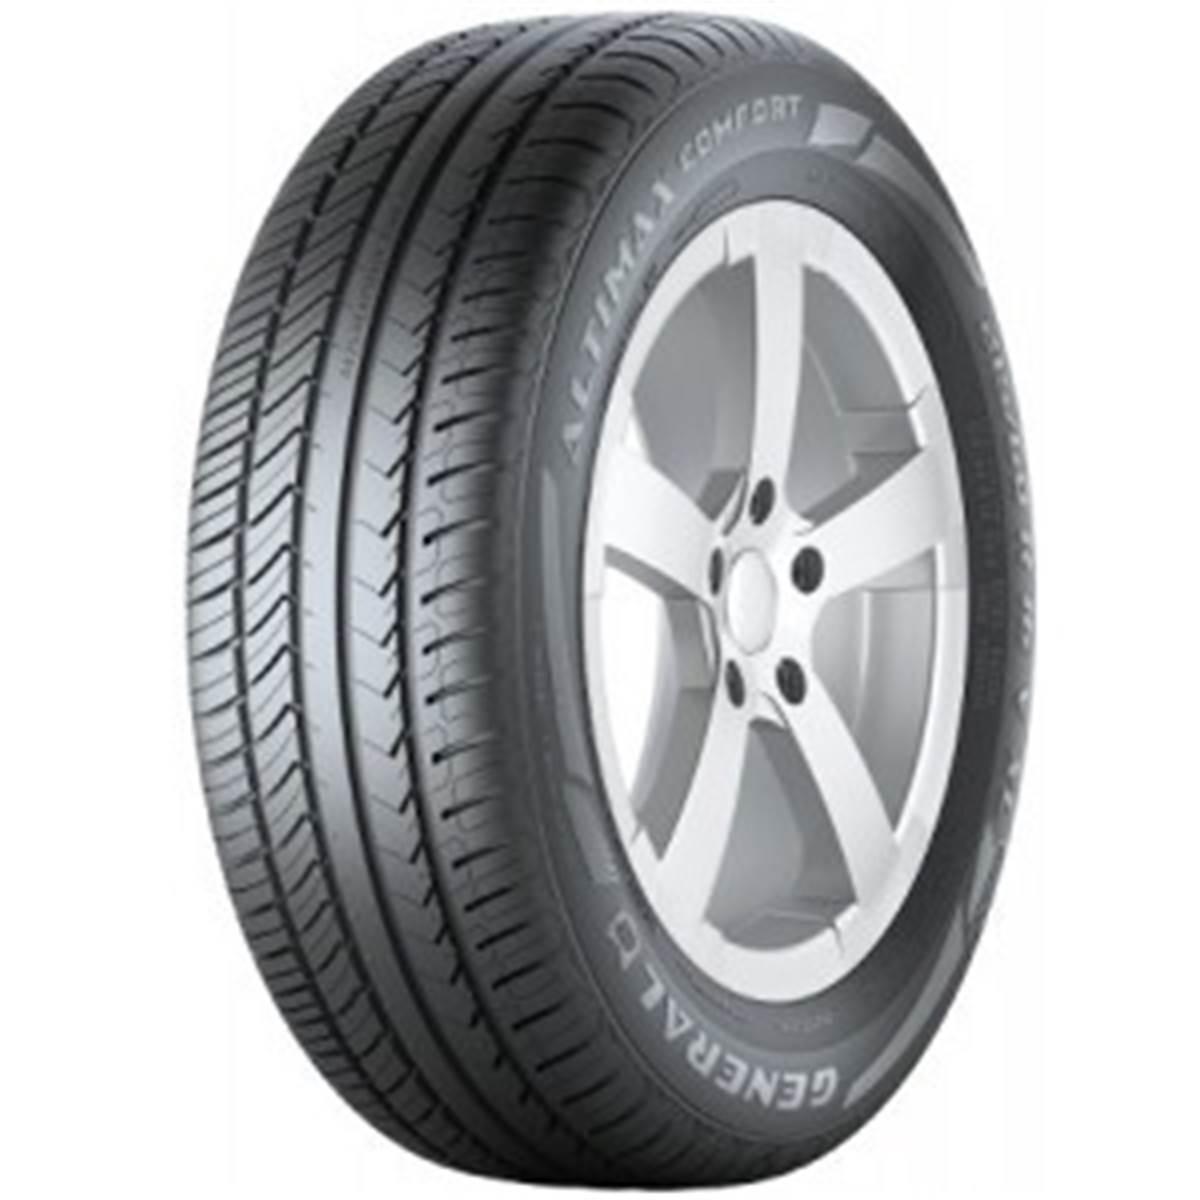 Pneu General Tire 215/65R15 96T Altimax Comfort